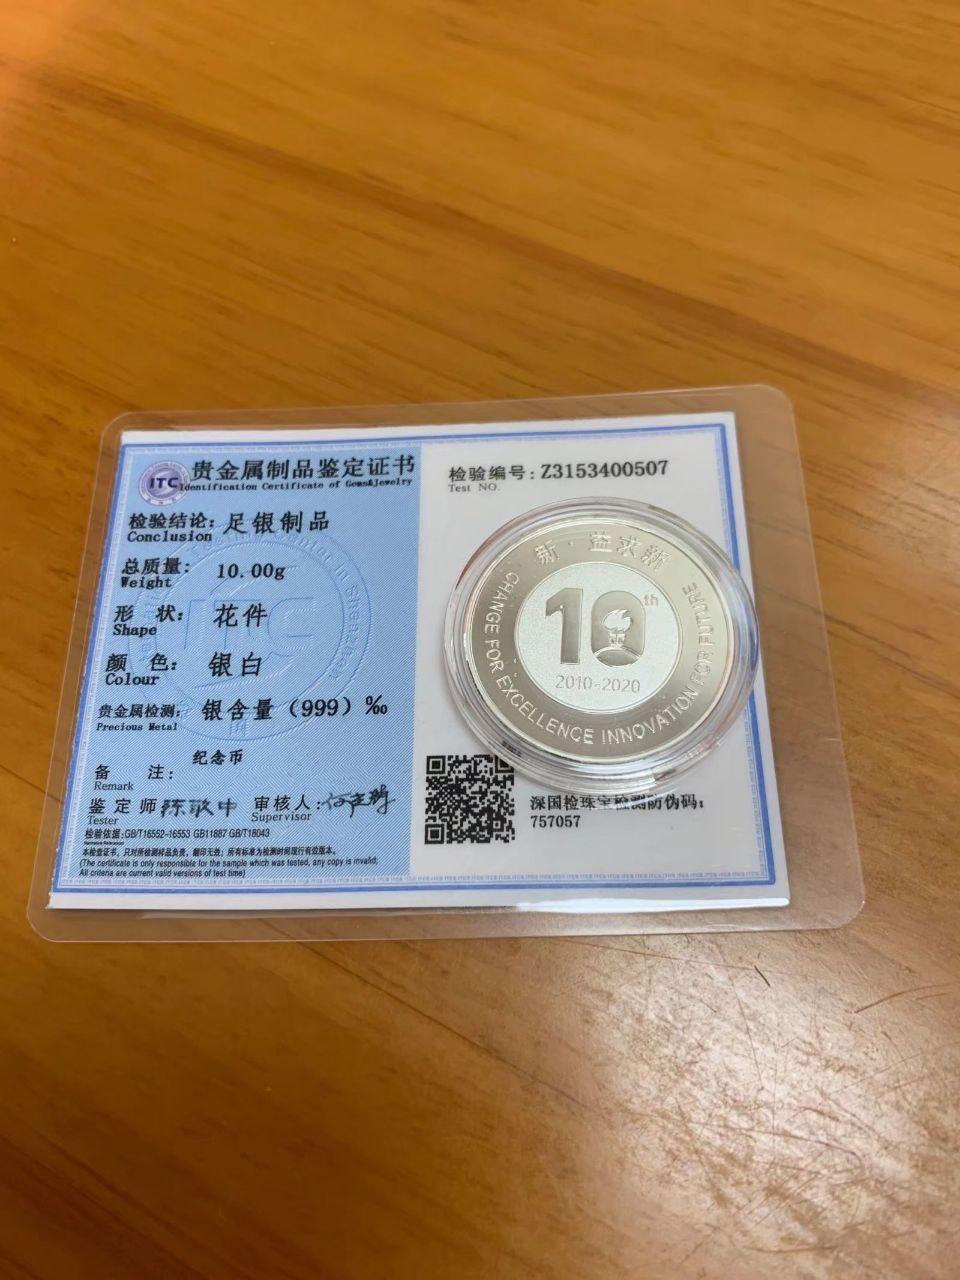 纪念币与《贵金属制品鉴定证书》